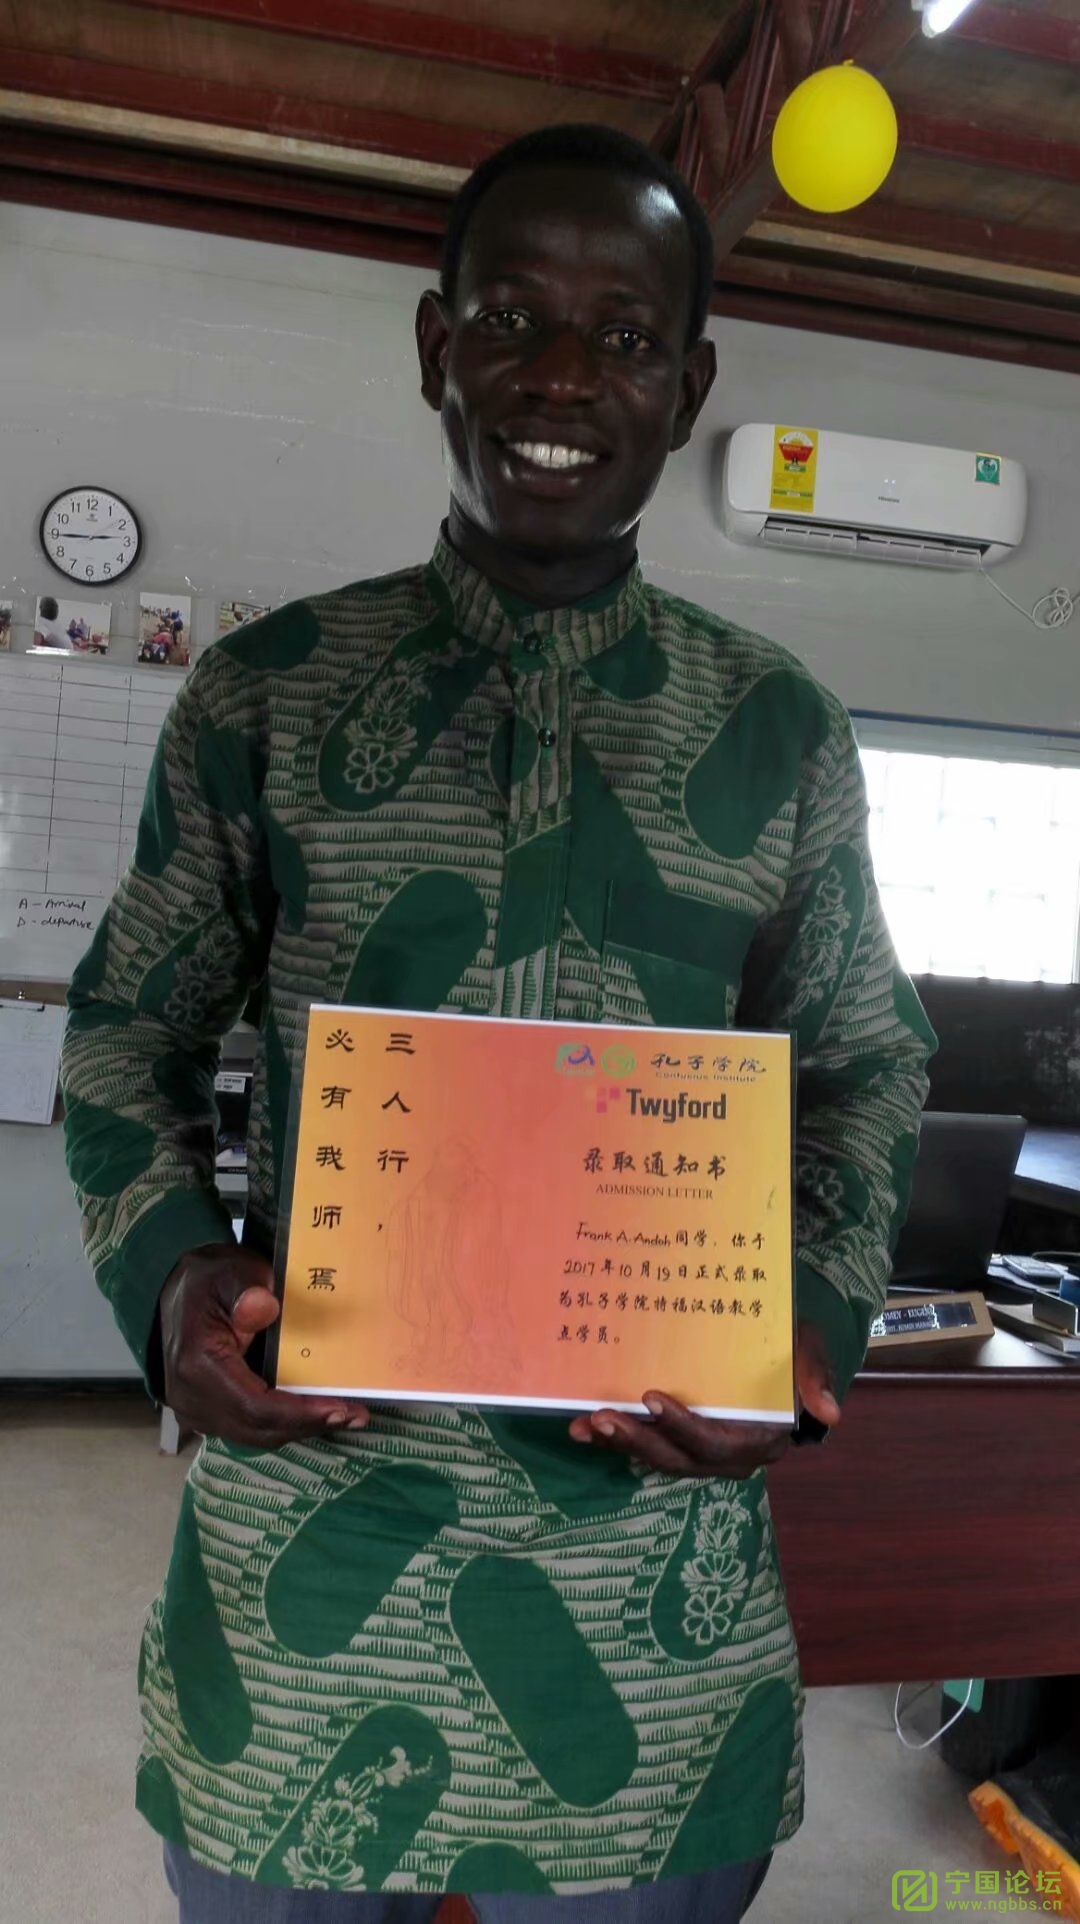 加纳风光-好久没发了 - 宁国论坛 - 给黑人员工培训